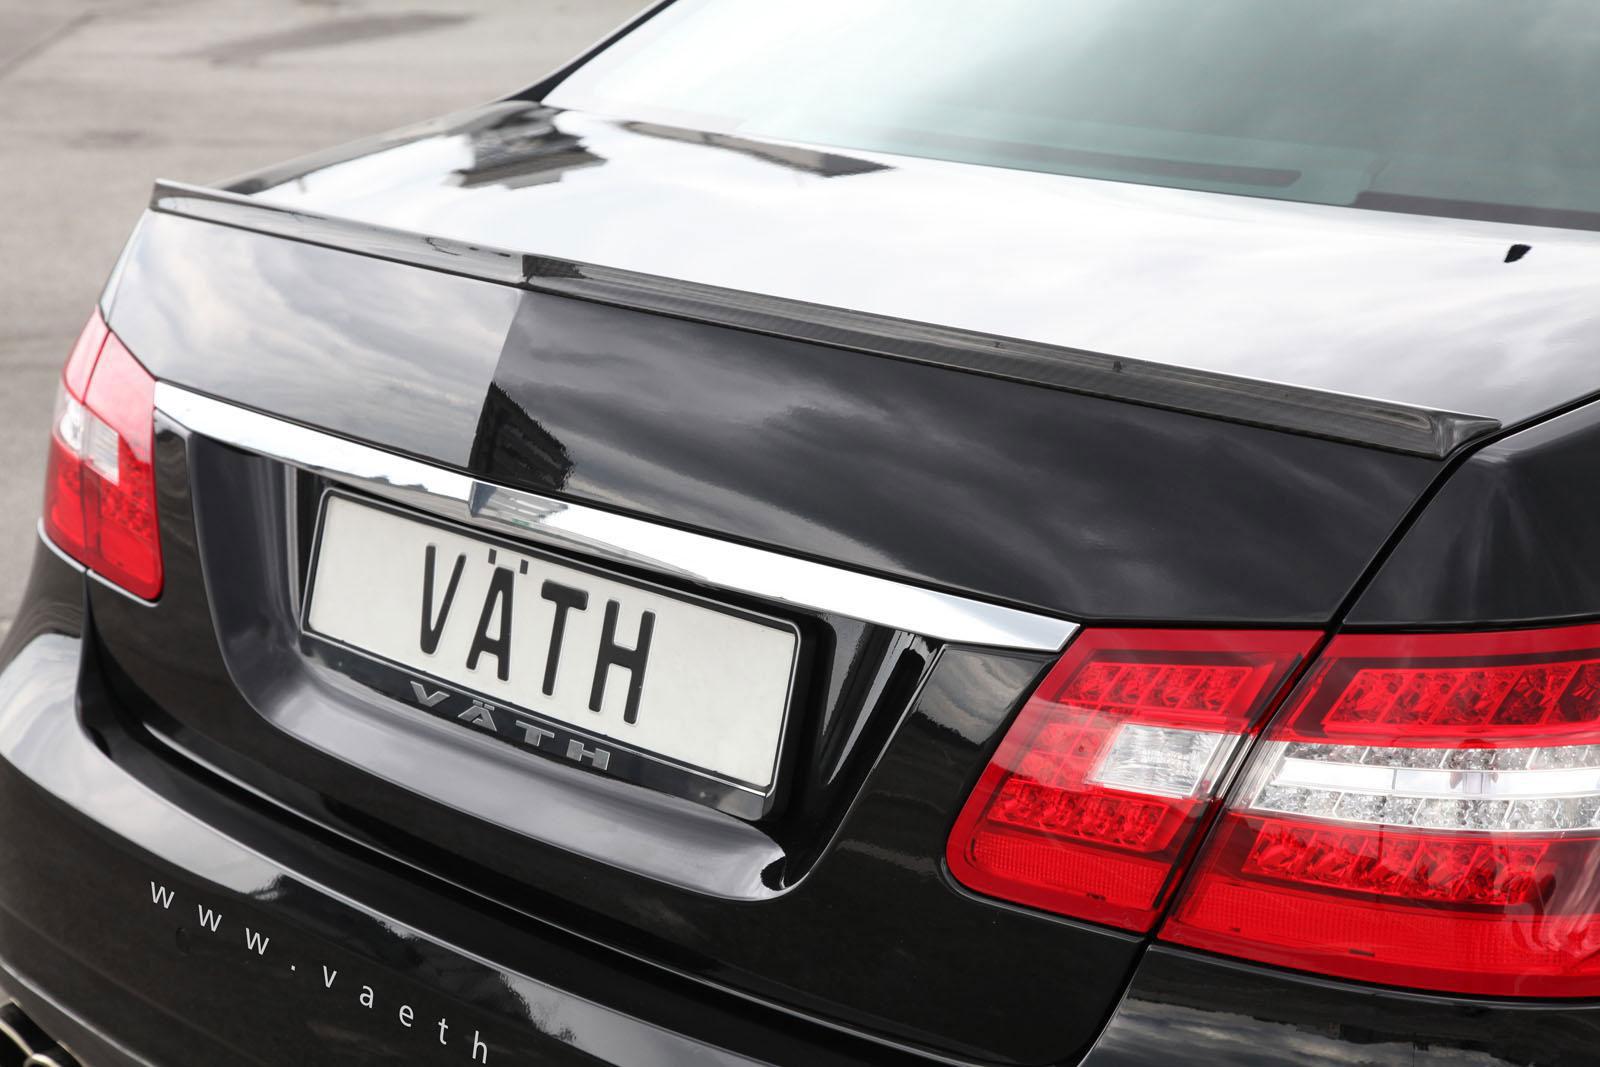 Tuneři Vath Automobiltechnik poladili Mercedes-Benz E-500 4